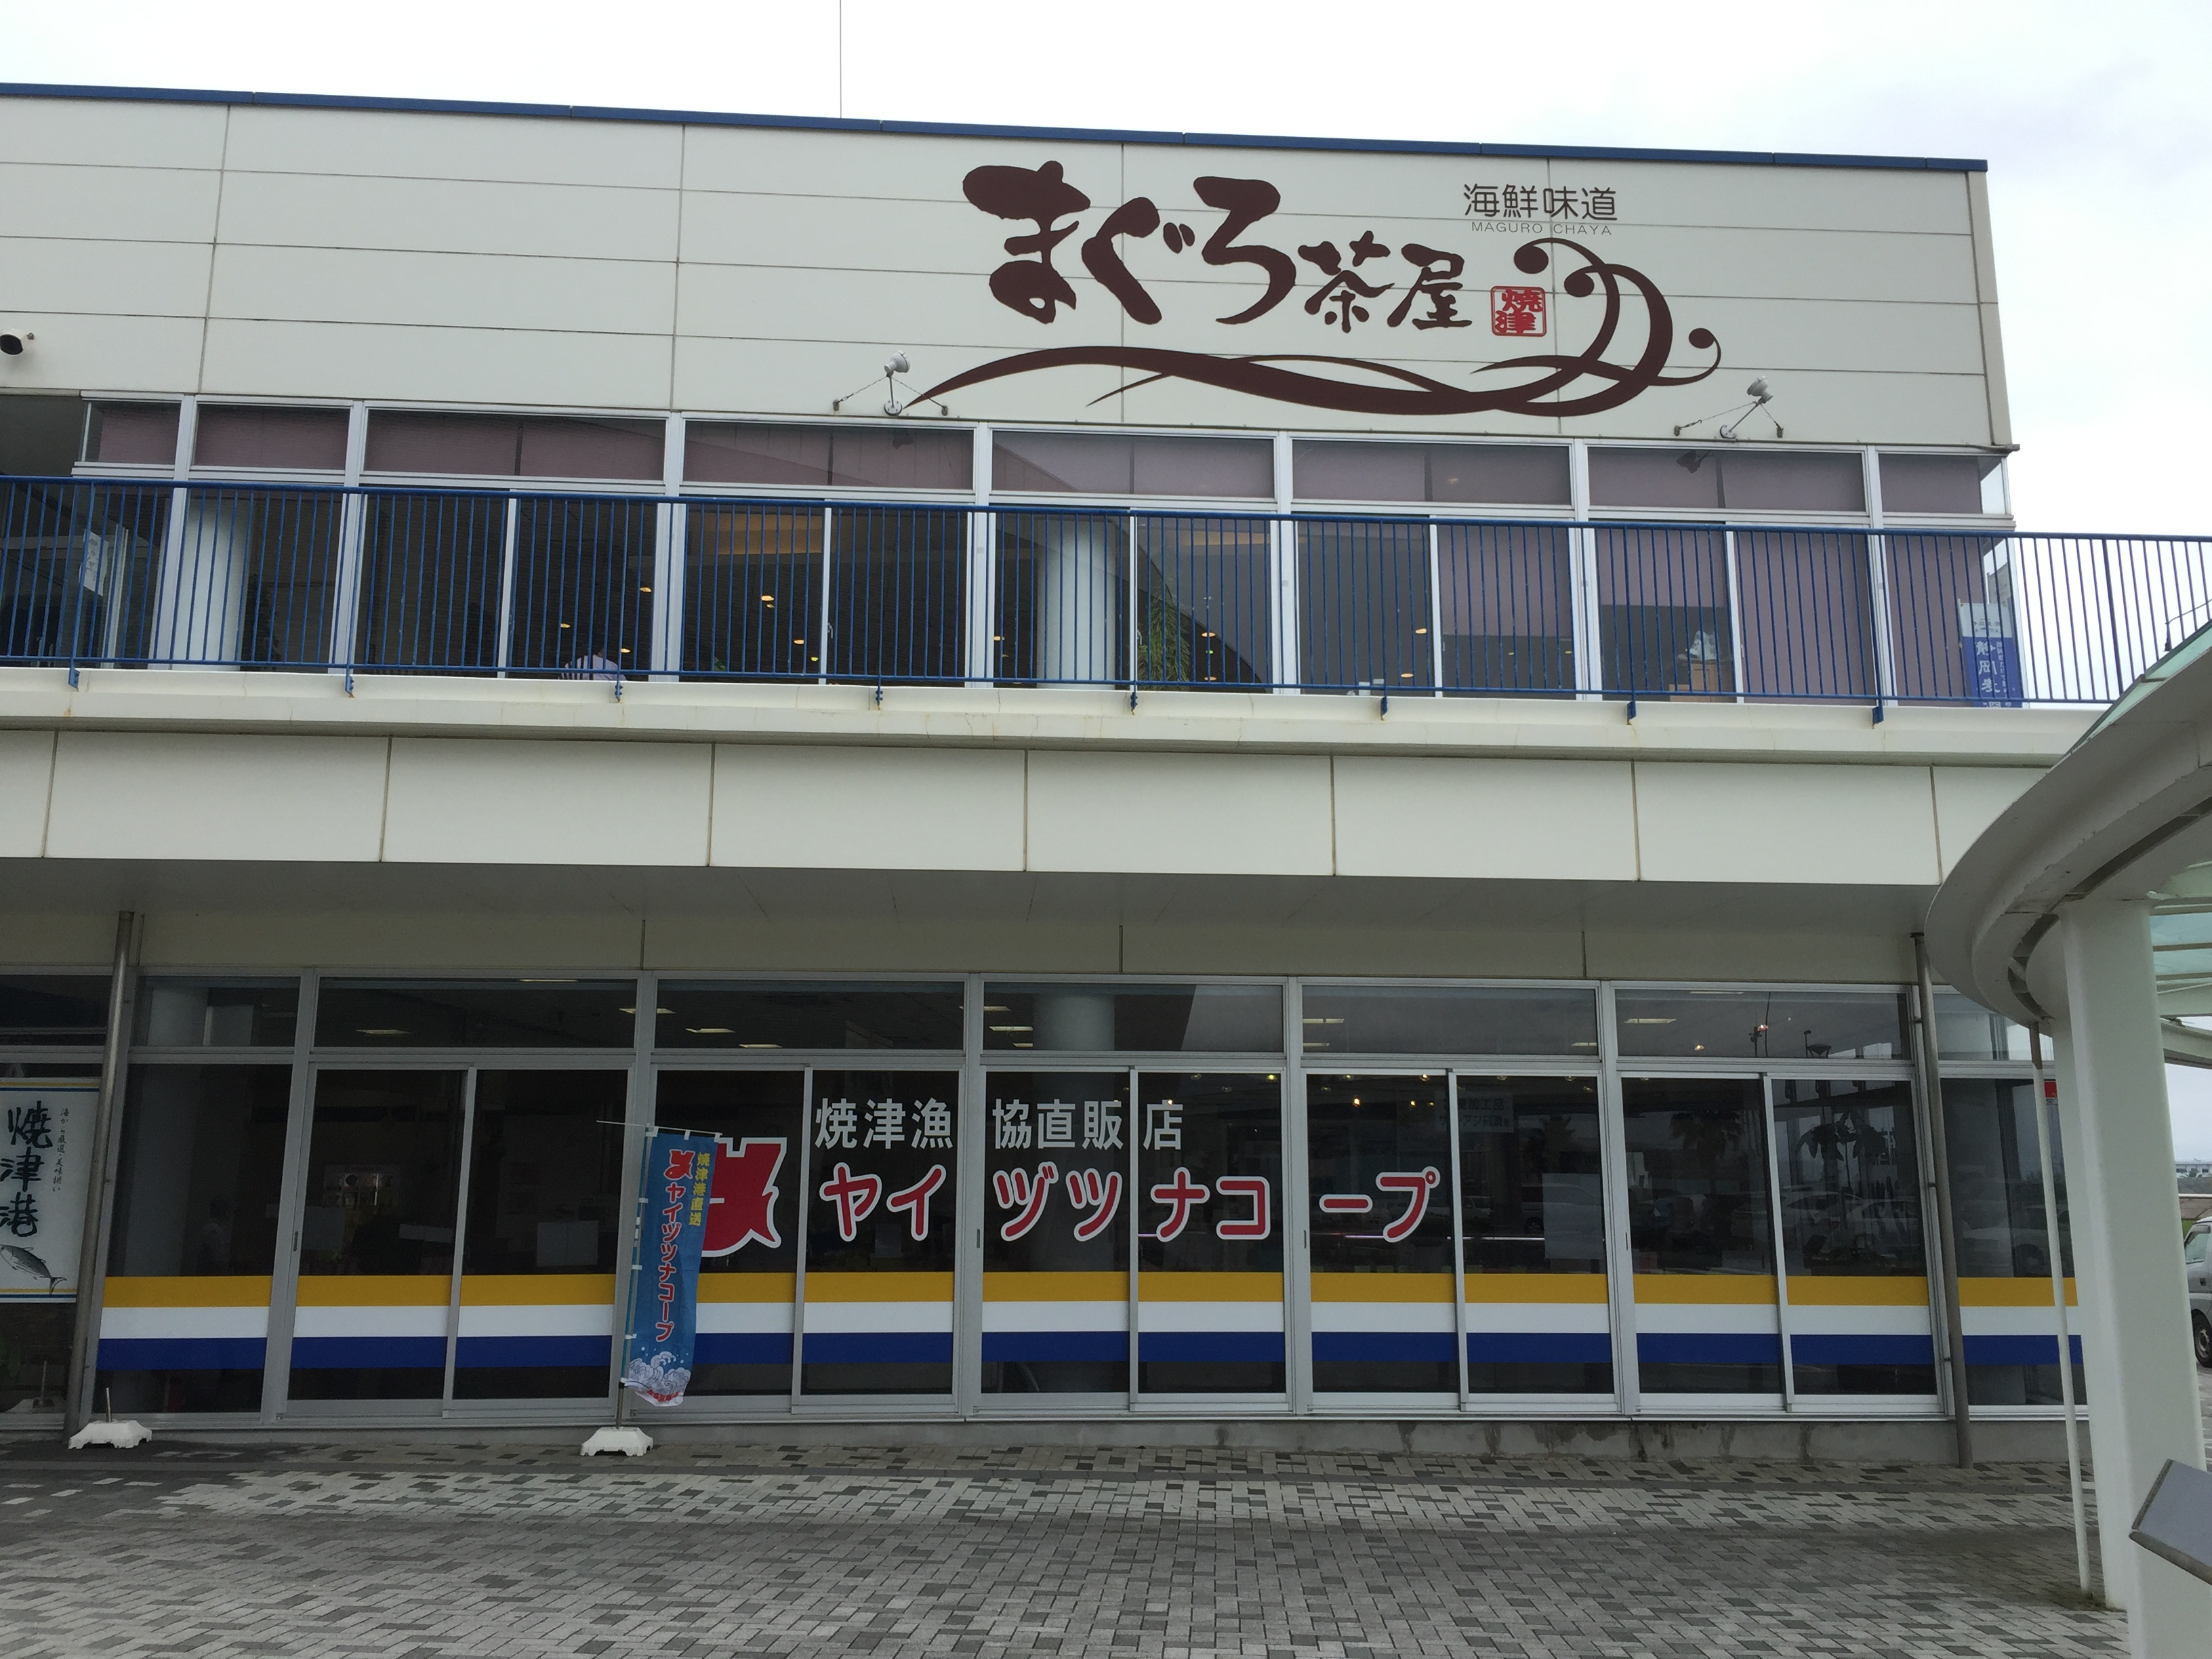 海鮮味道 まぐろ茶屋(焼津市/焼津港)